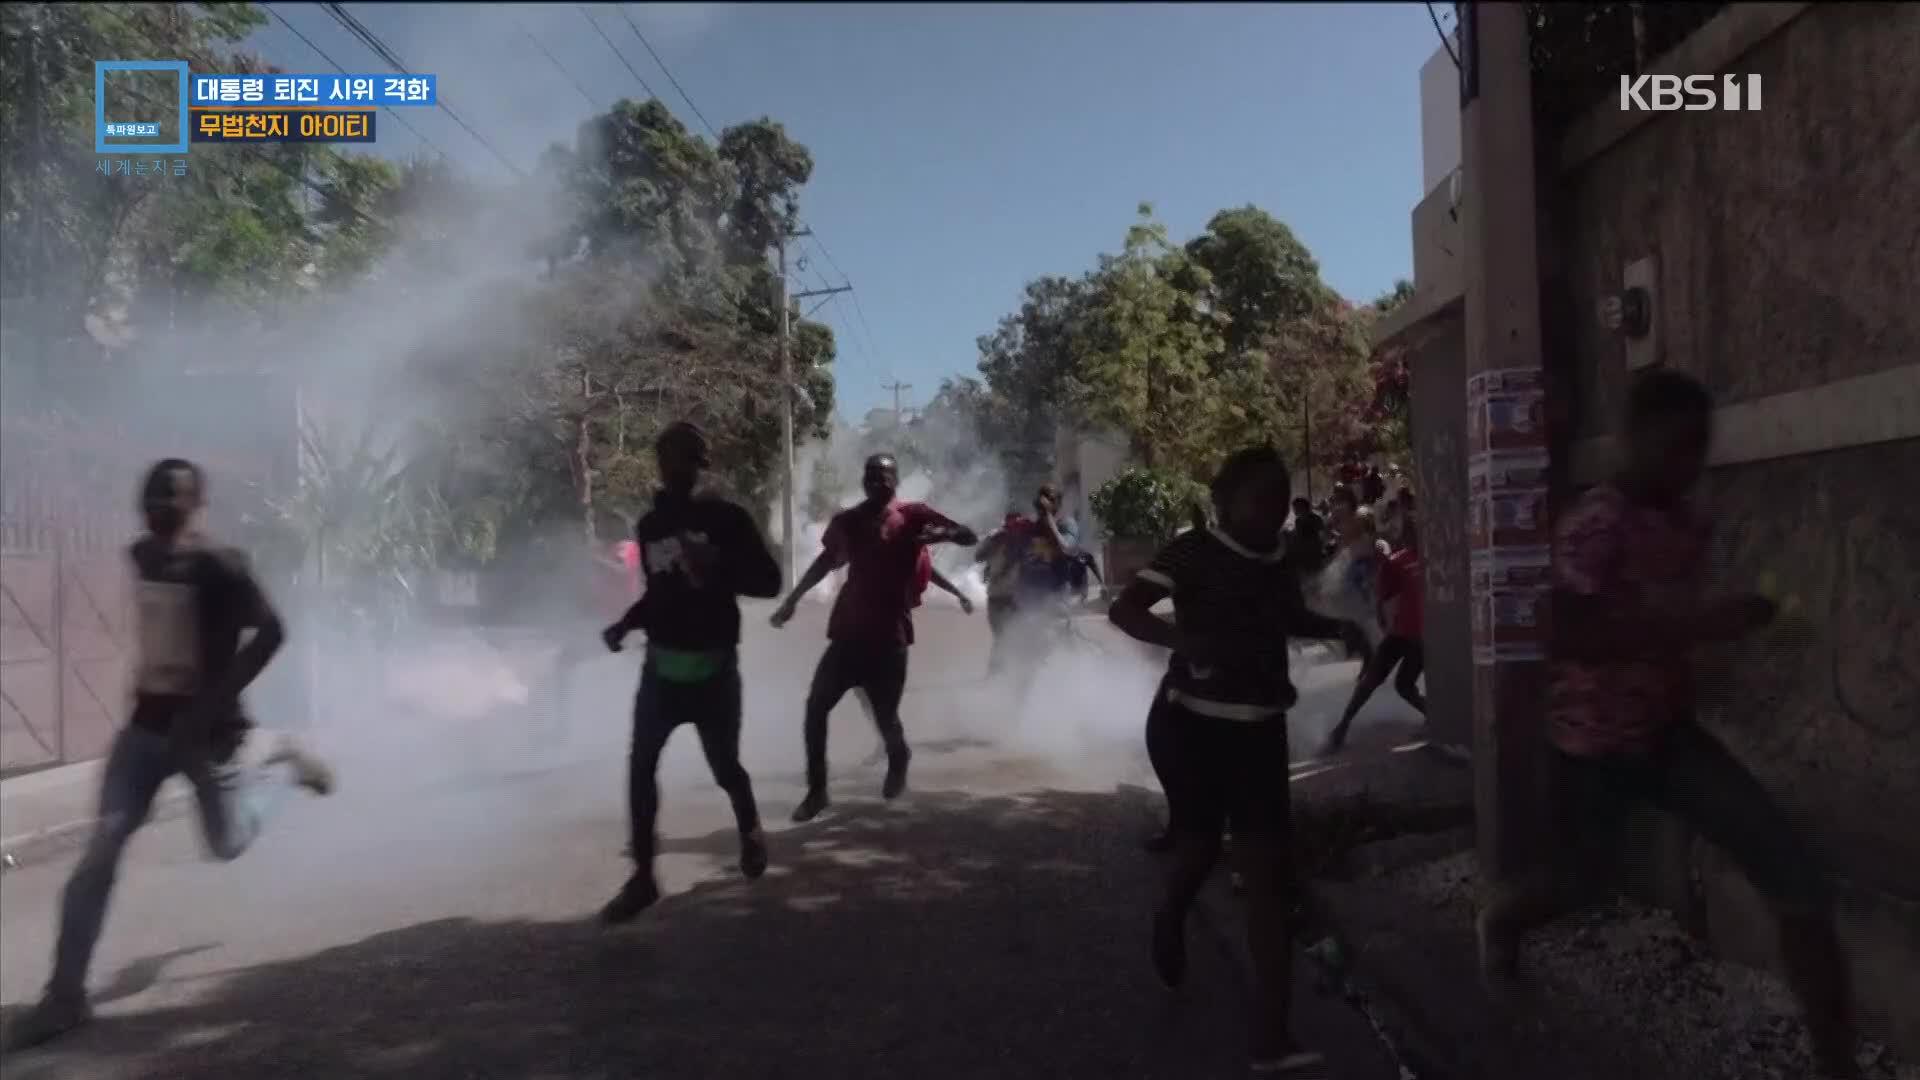 대통령 퇴진 시위 격화…무법천지 아이티